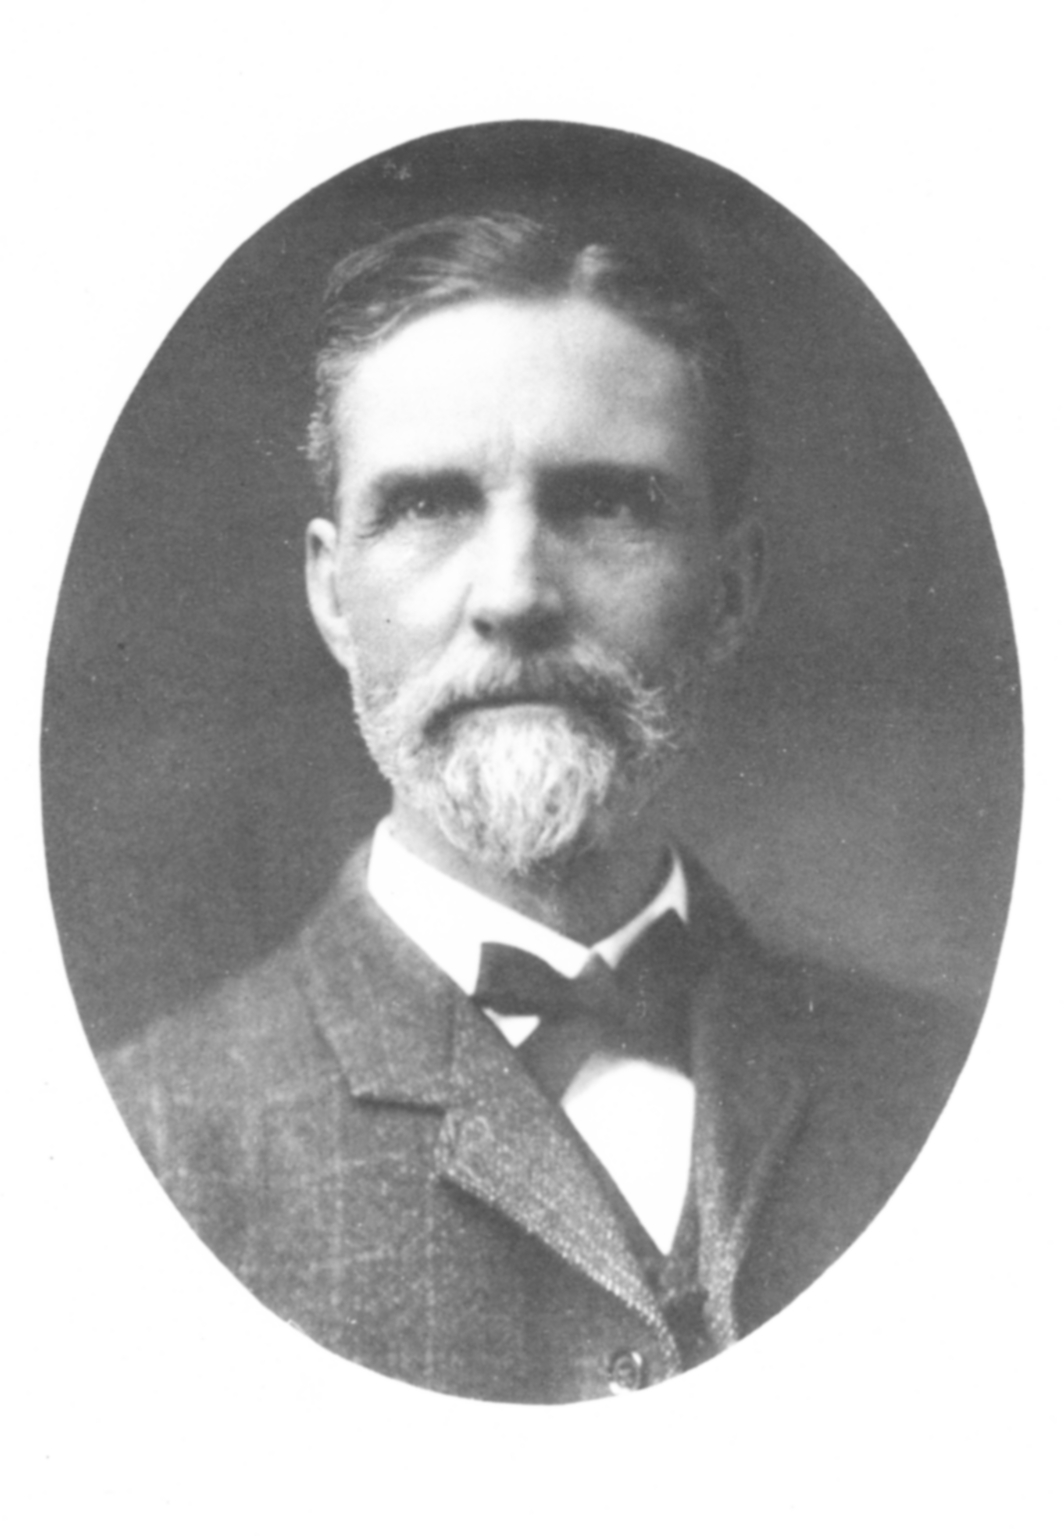 Eugene C. Colby